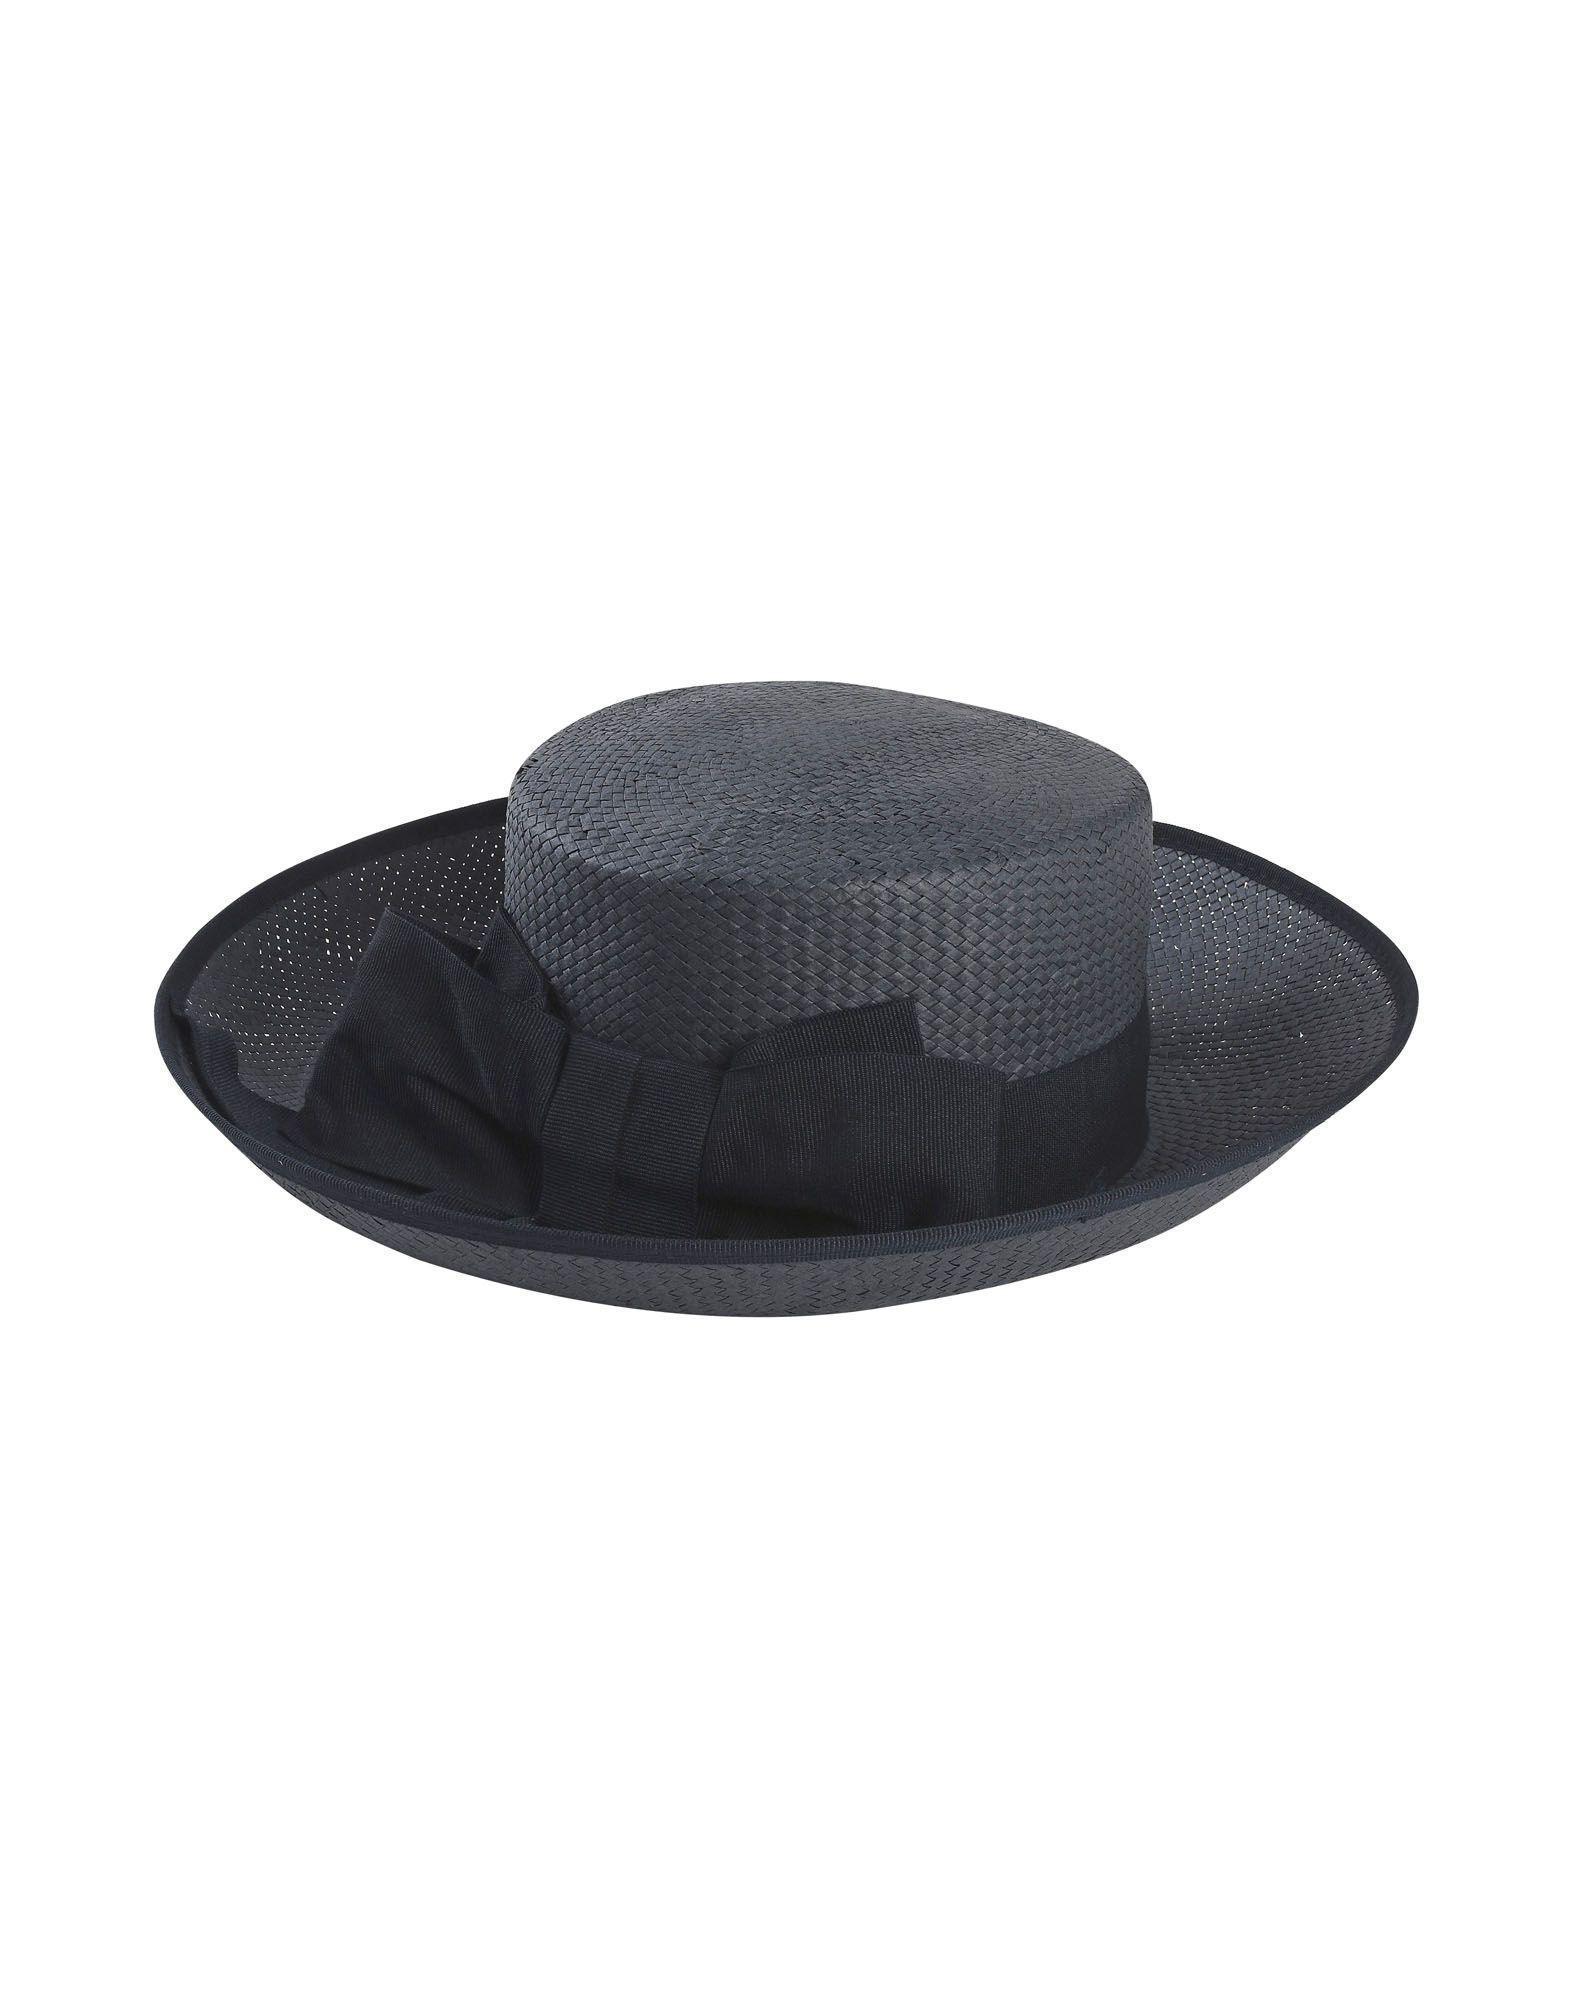 Accesorios - Sombreros Suoli ZXVeyy